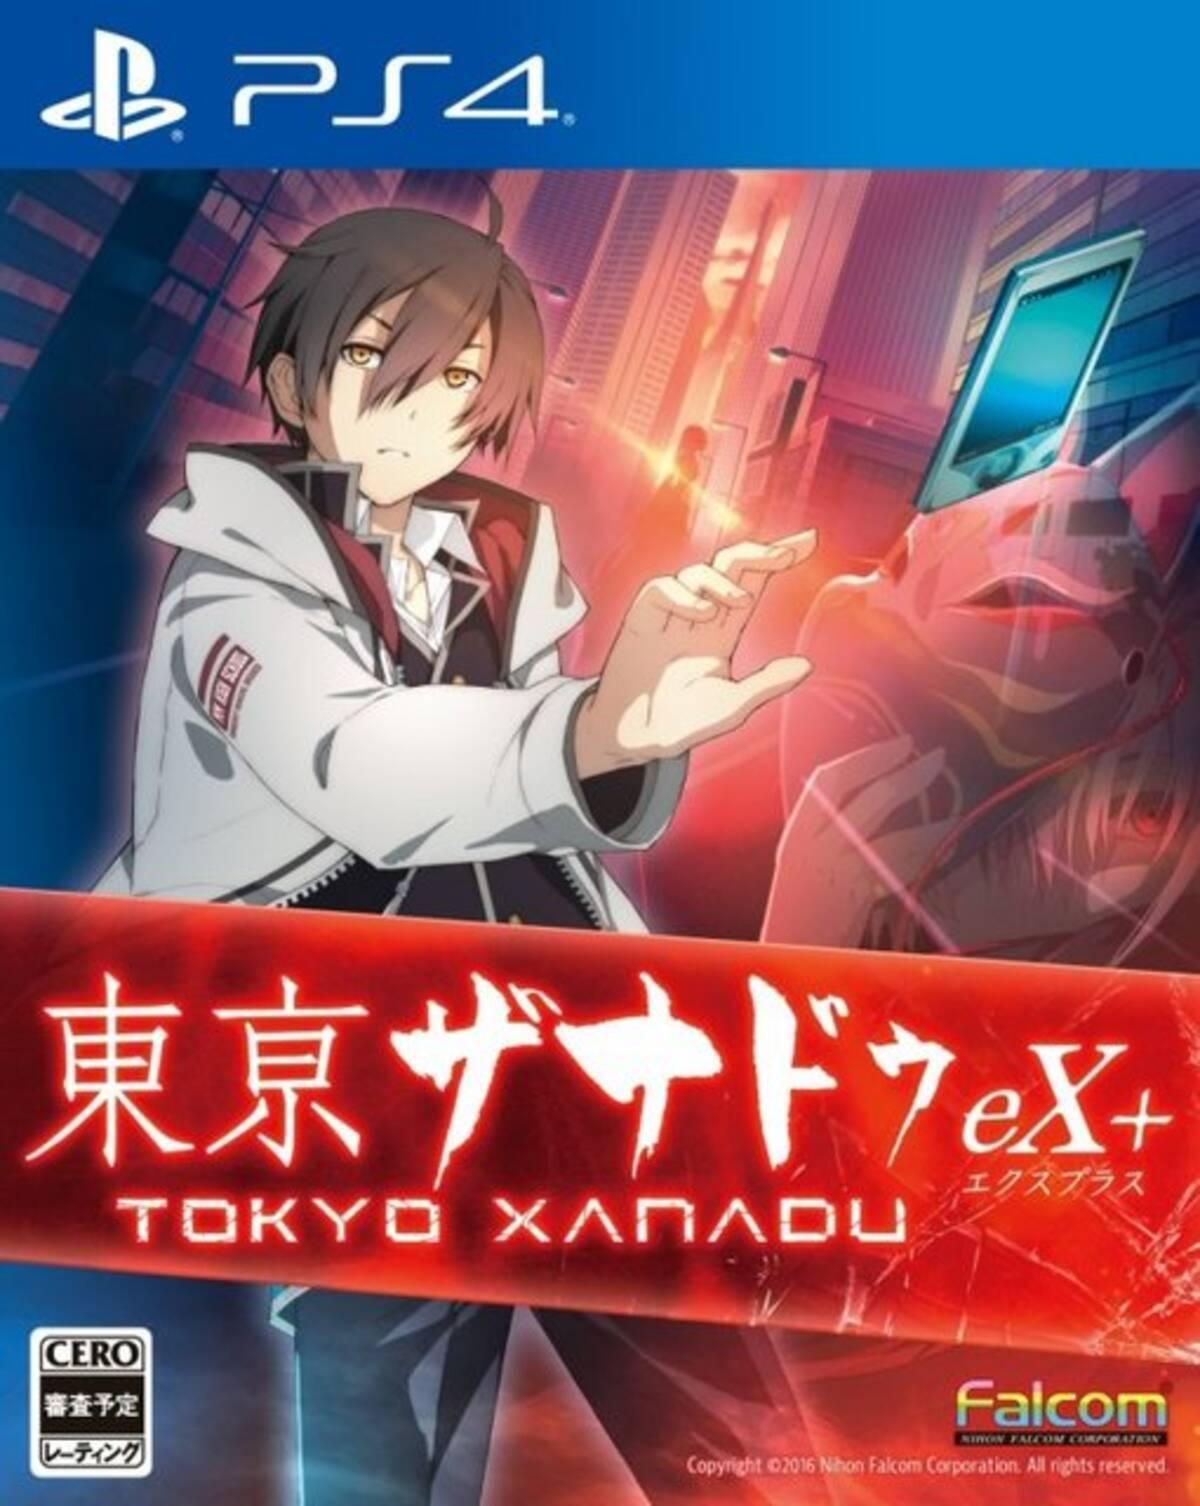 Ps4 東亰ザナドゥex 9月8日発売決定 Ps Vita版からストーリー